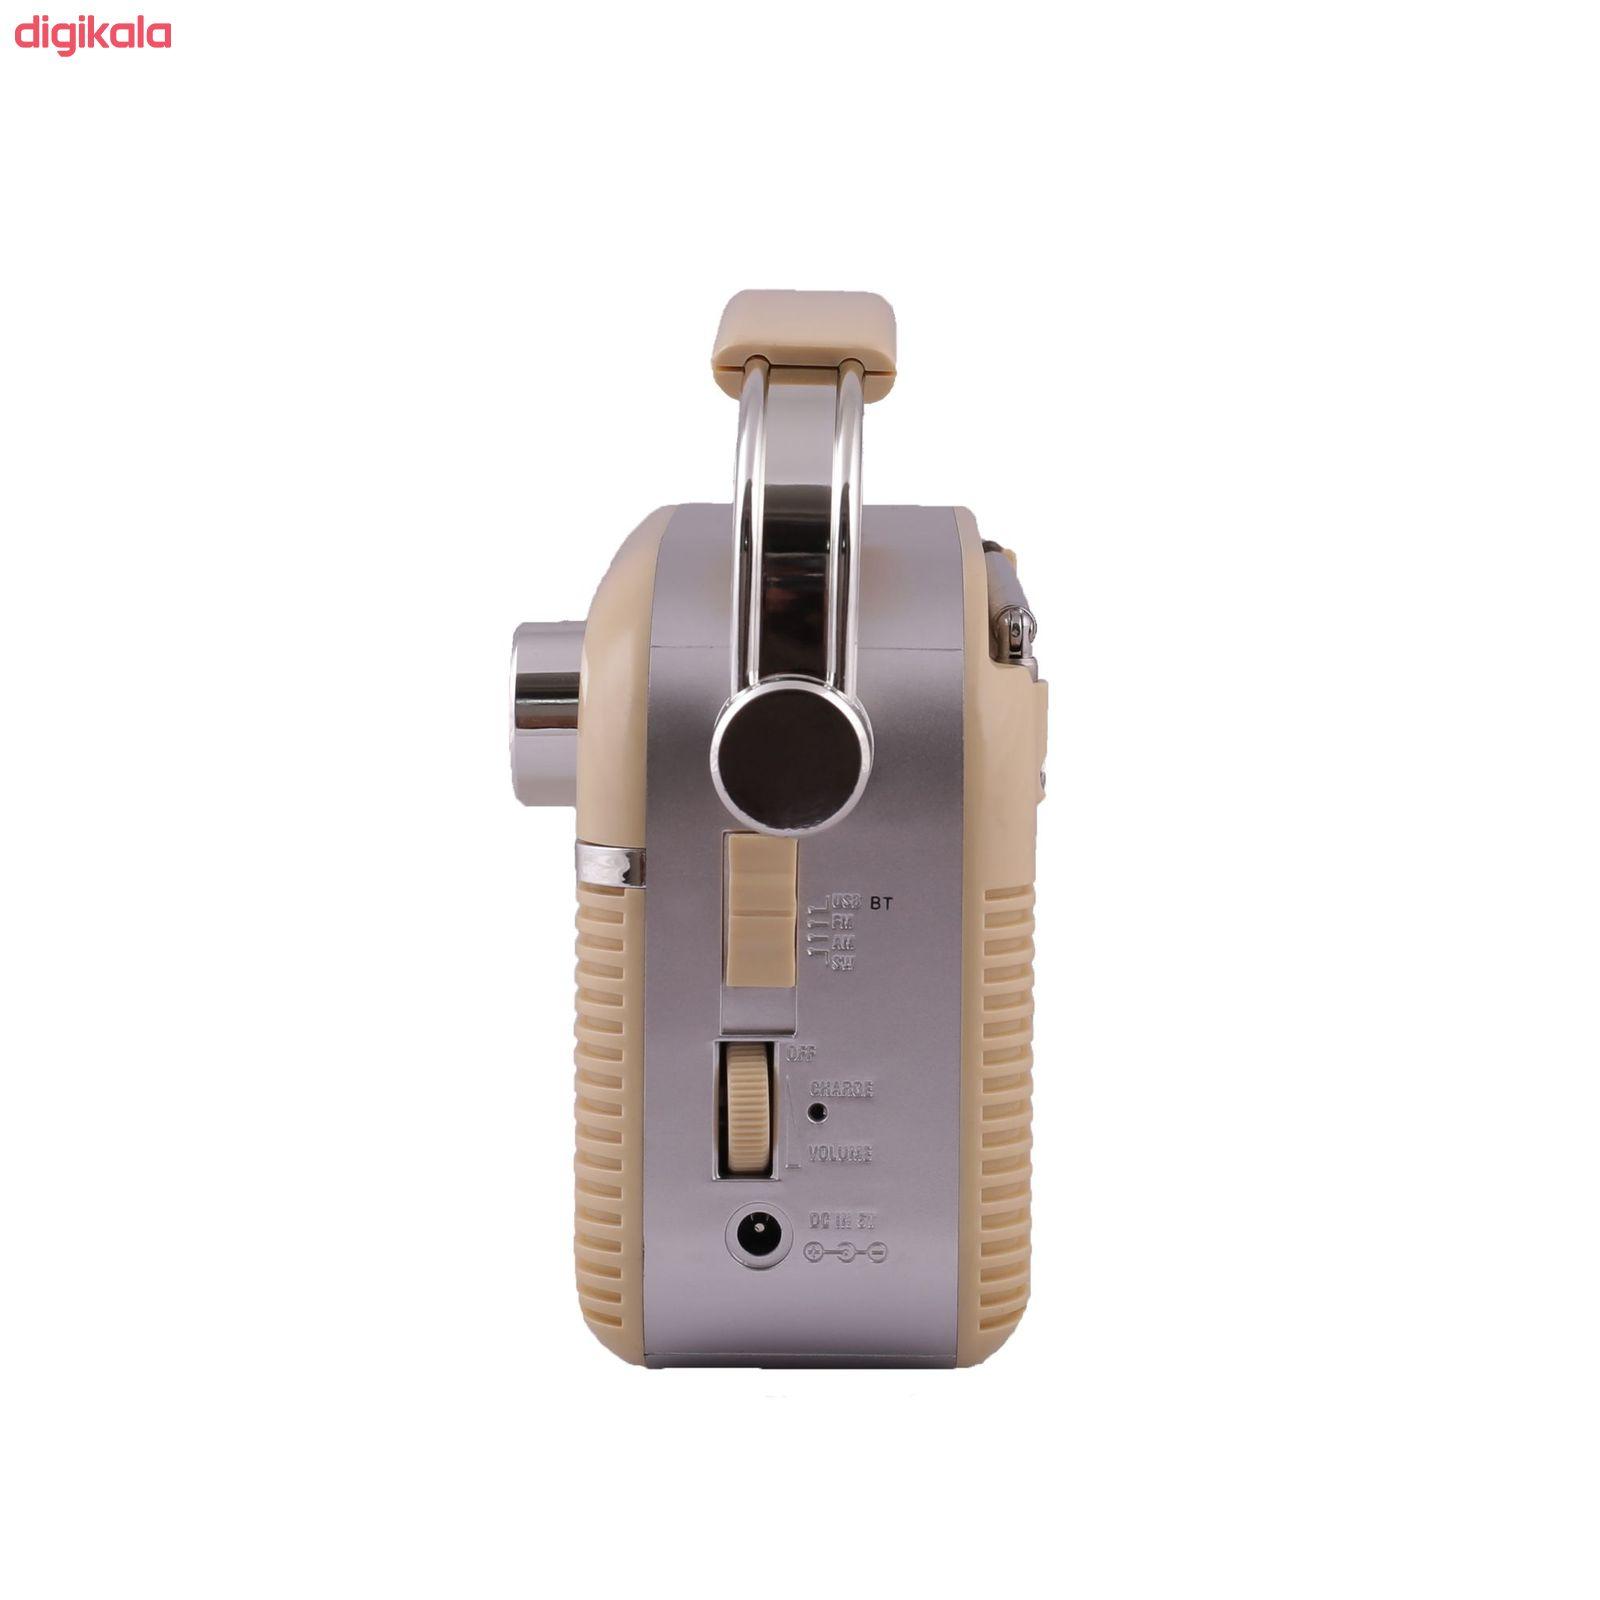 رادیو آدزست مدل P5000 main 1 3